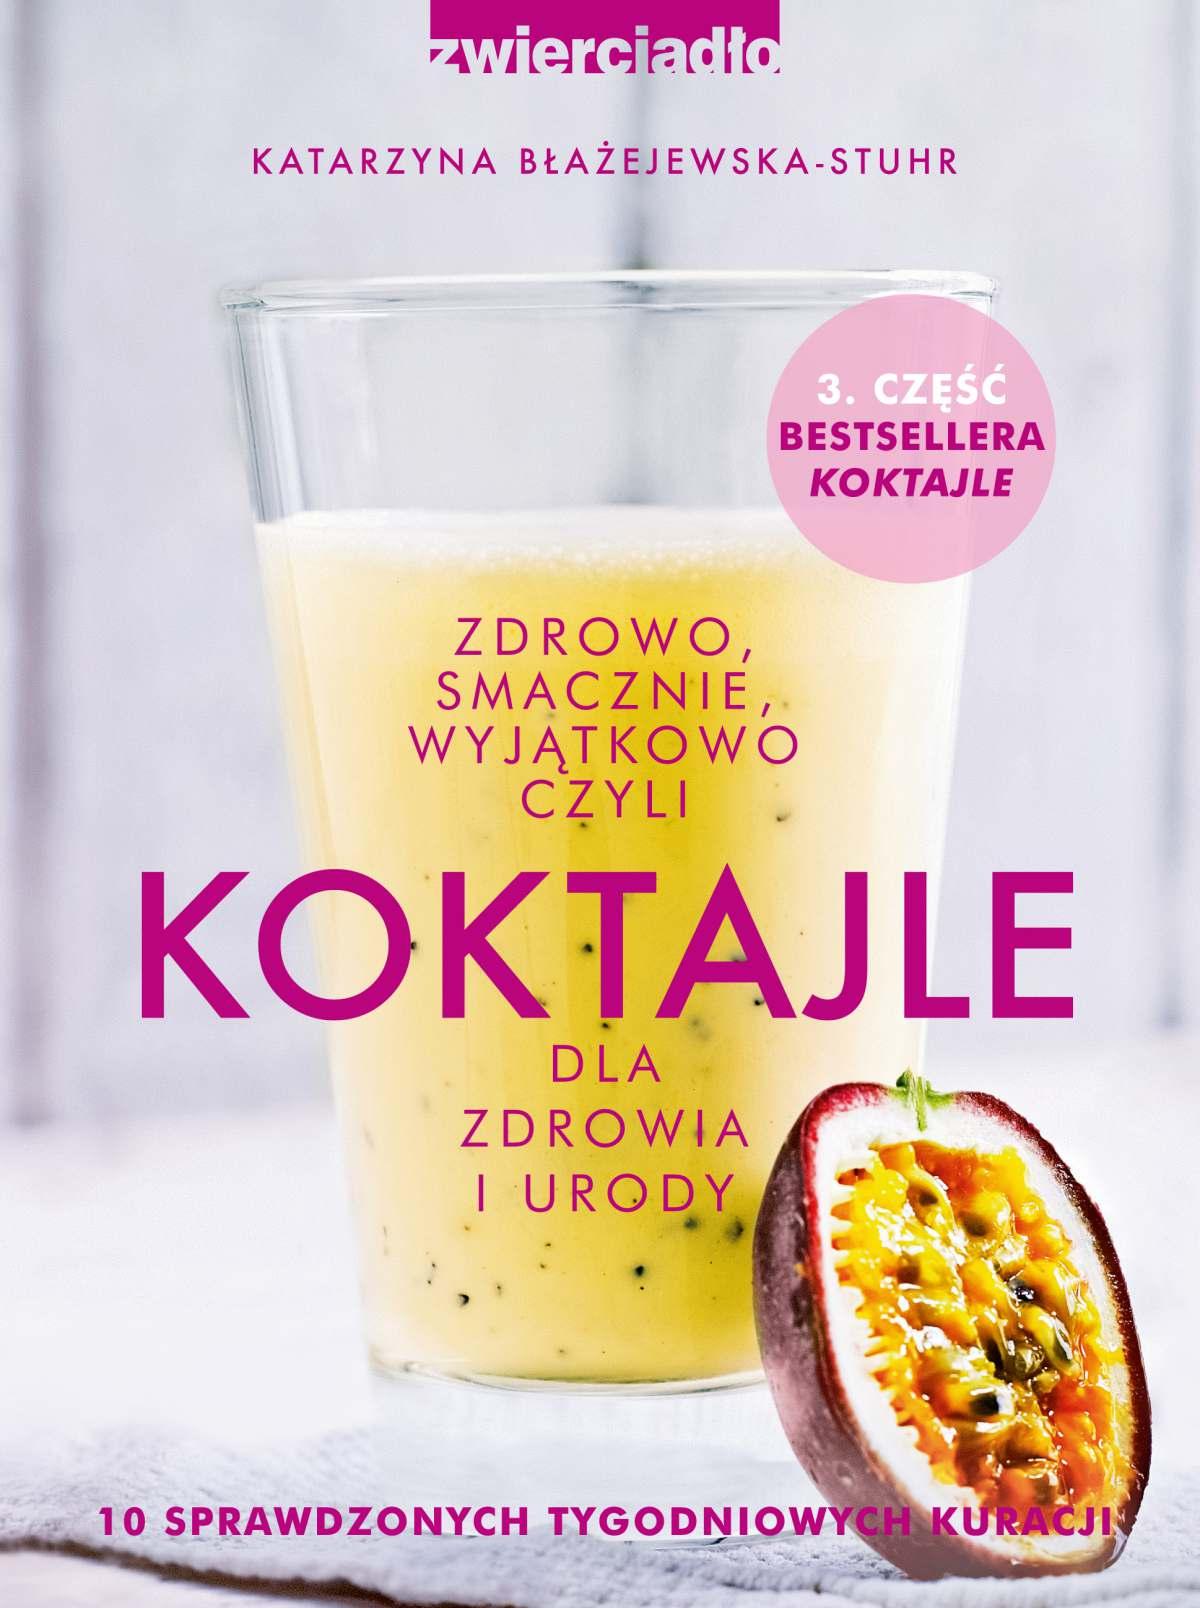 Koktajle dla zdrowia i urody 3, czyli zdrowo, smacznie, wyjątkowo. - Ebook (Książka na Kindle) do pobrania w formacie MOBI